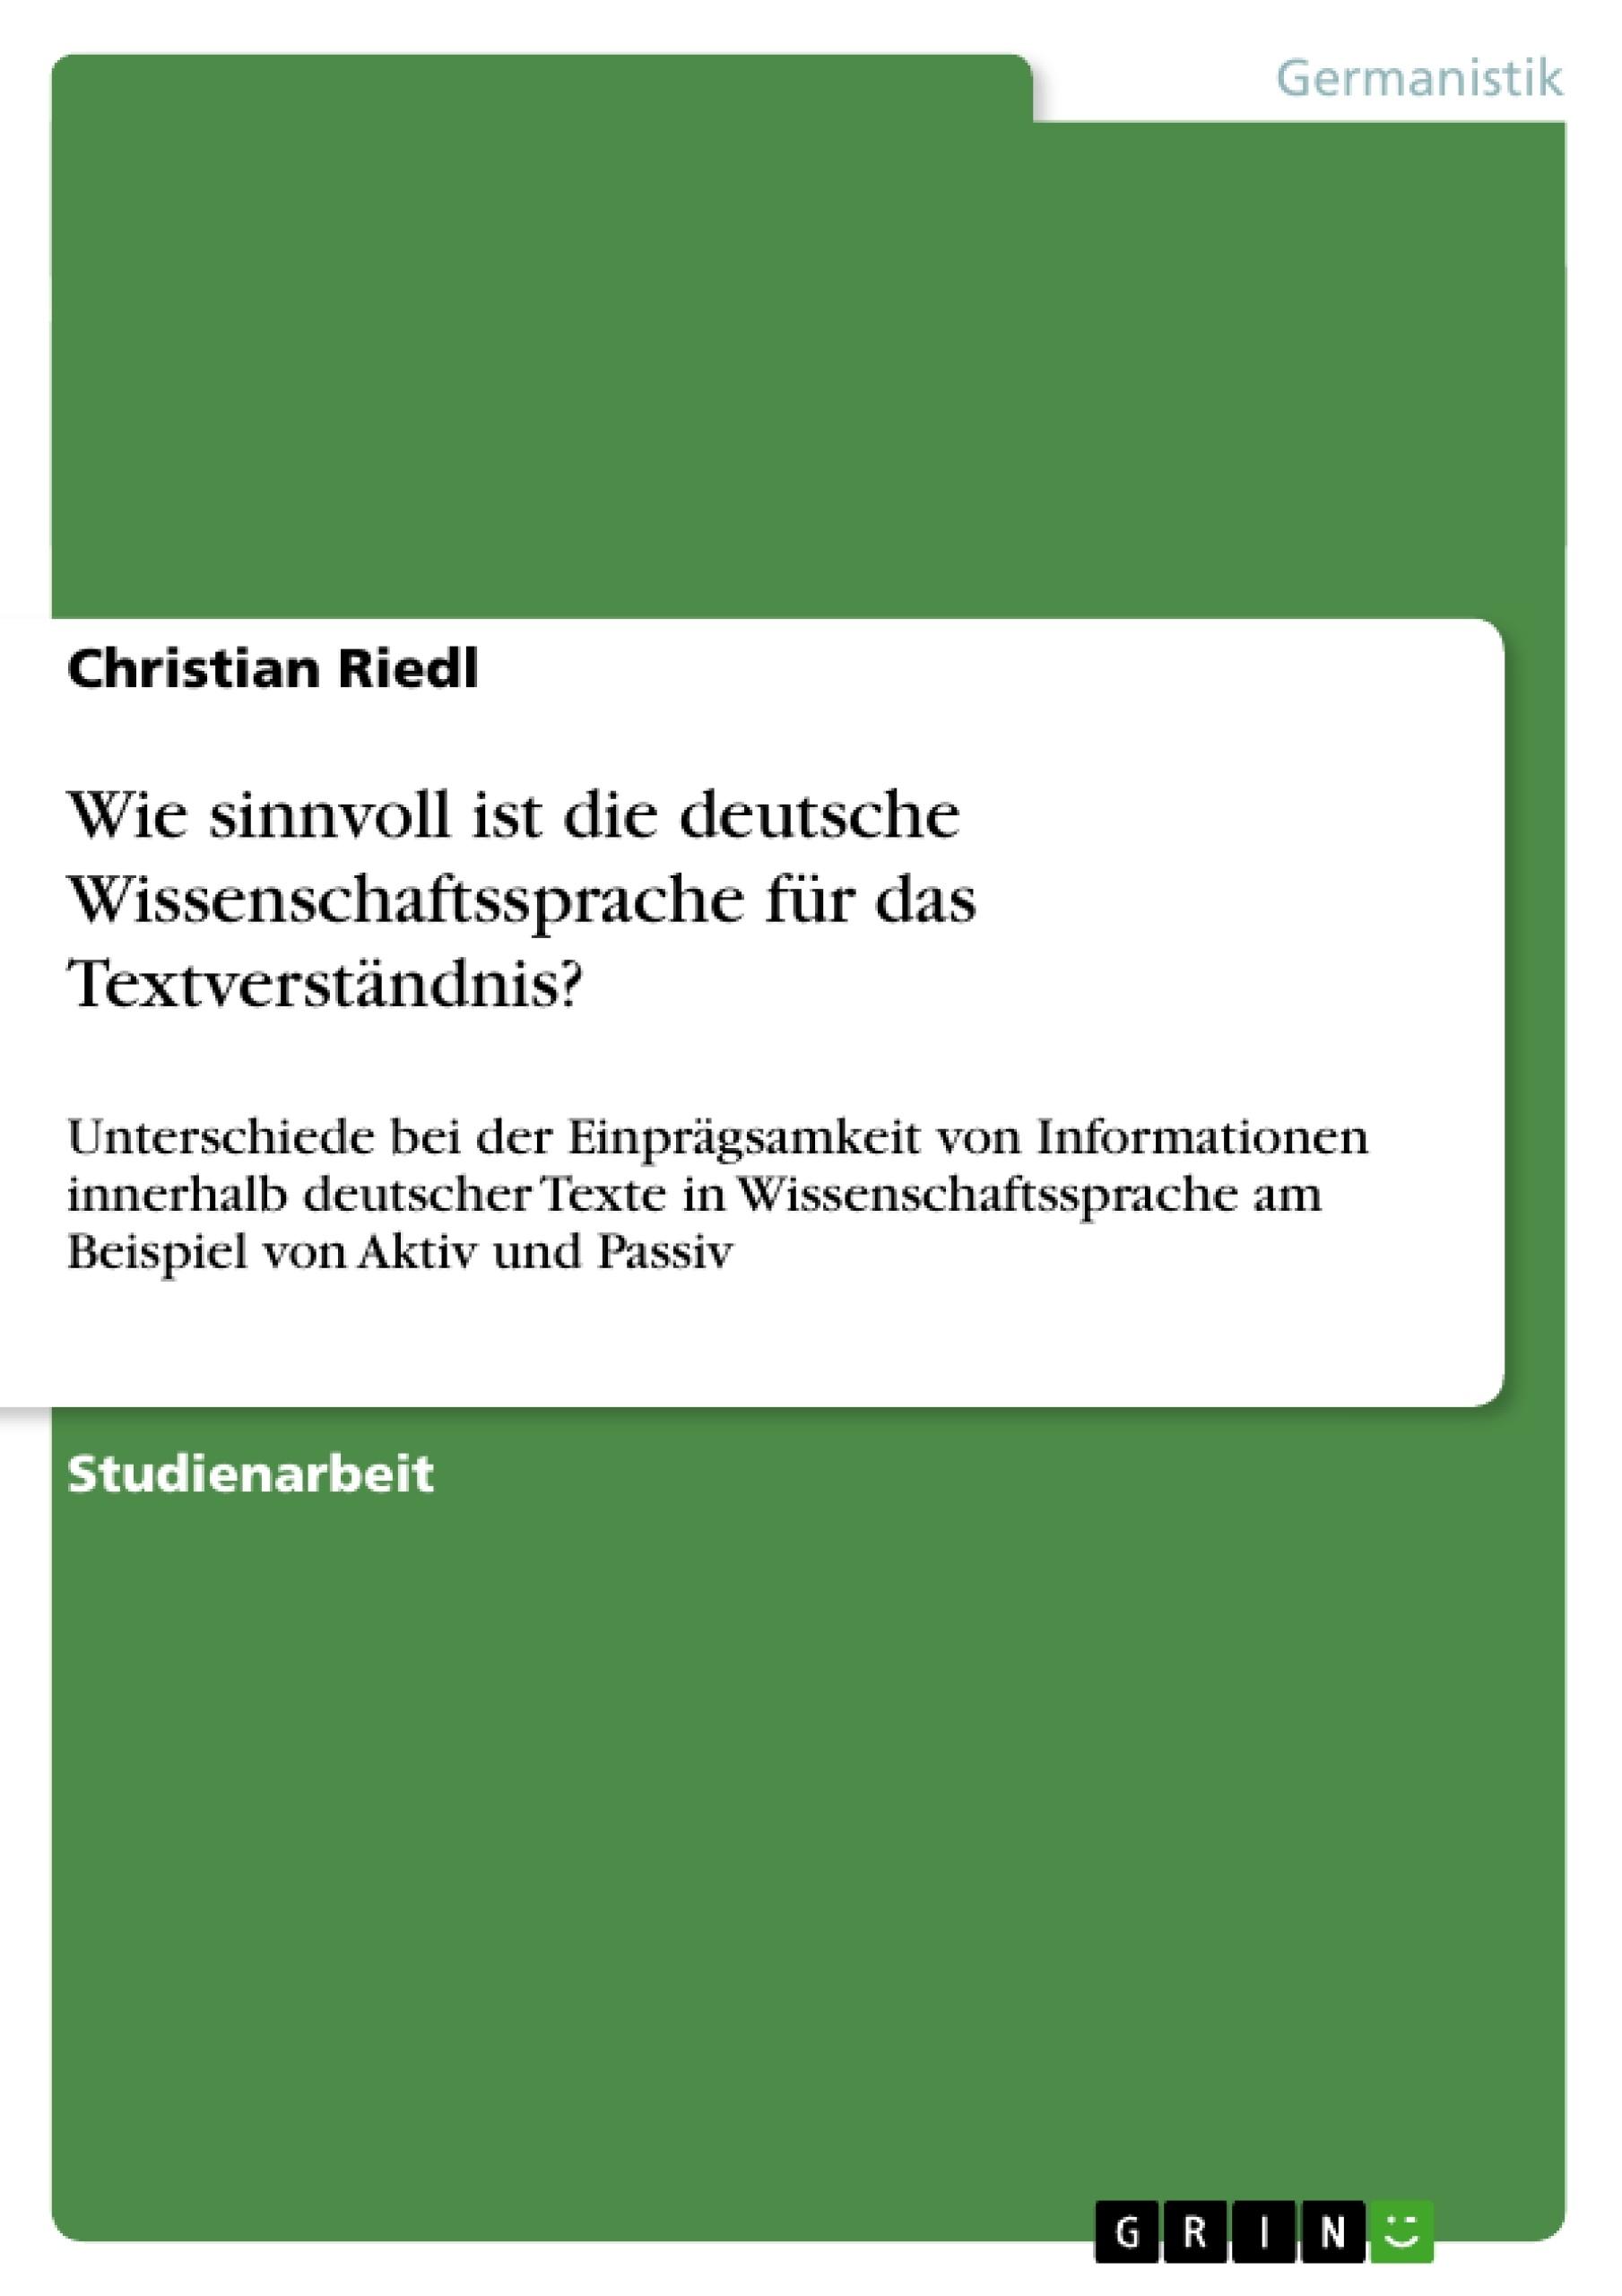 Titel: Wie sinnvoll ist die deutsche Wissenschaftssprache für das Textverständnis?